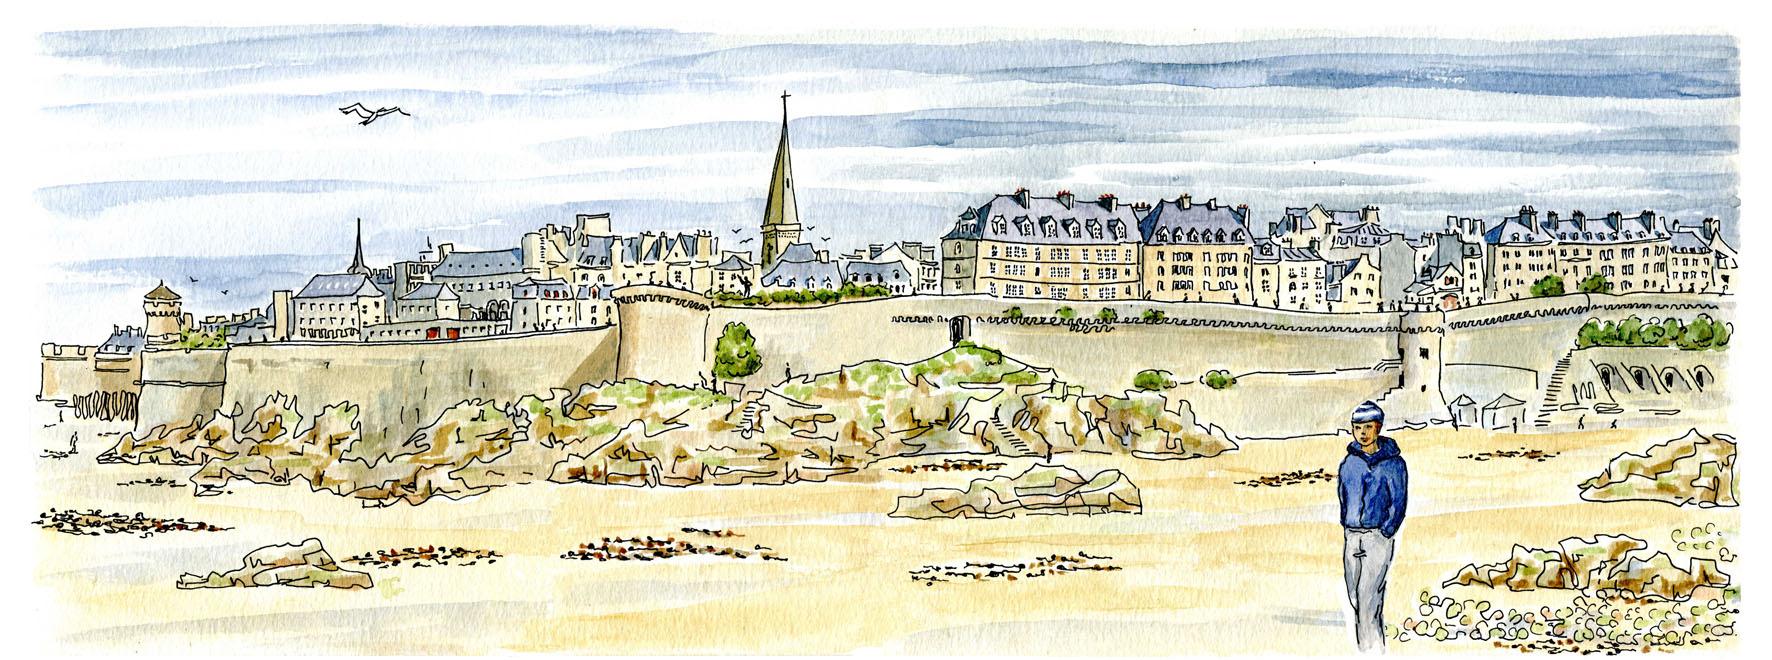 Saint Malo panorama - vue à marée basse 2 en hiver